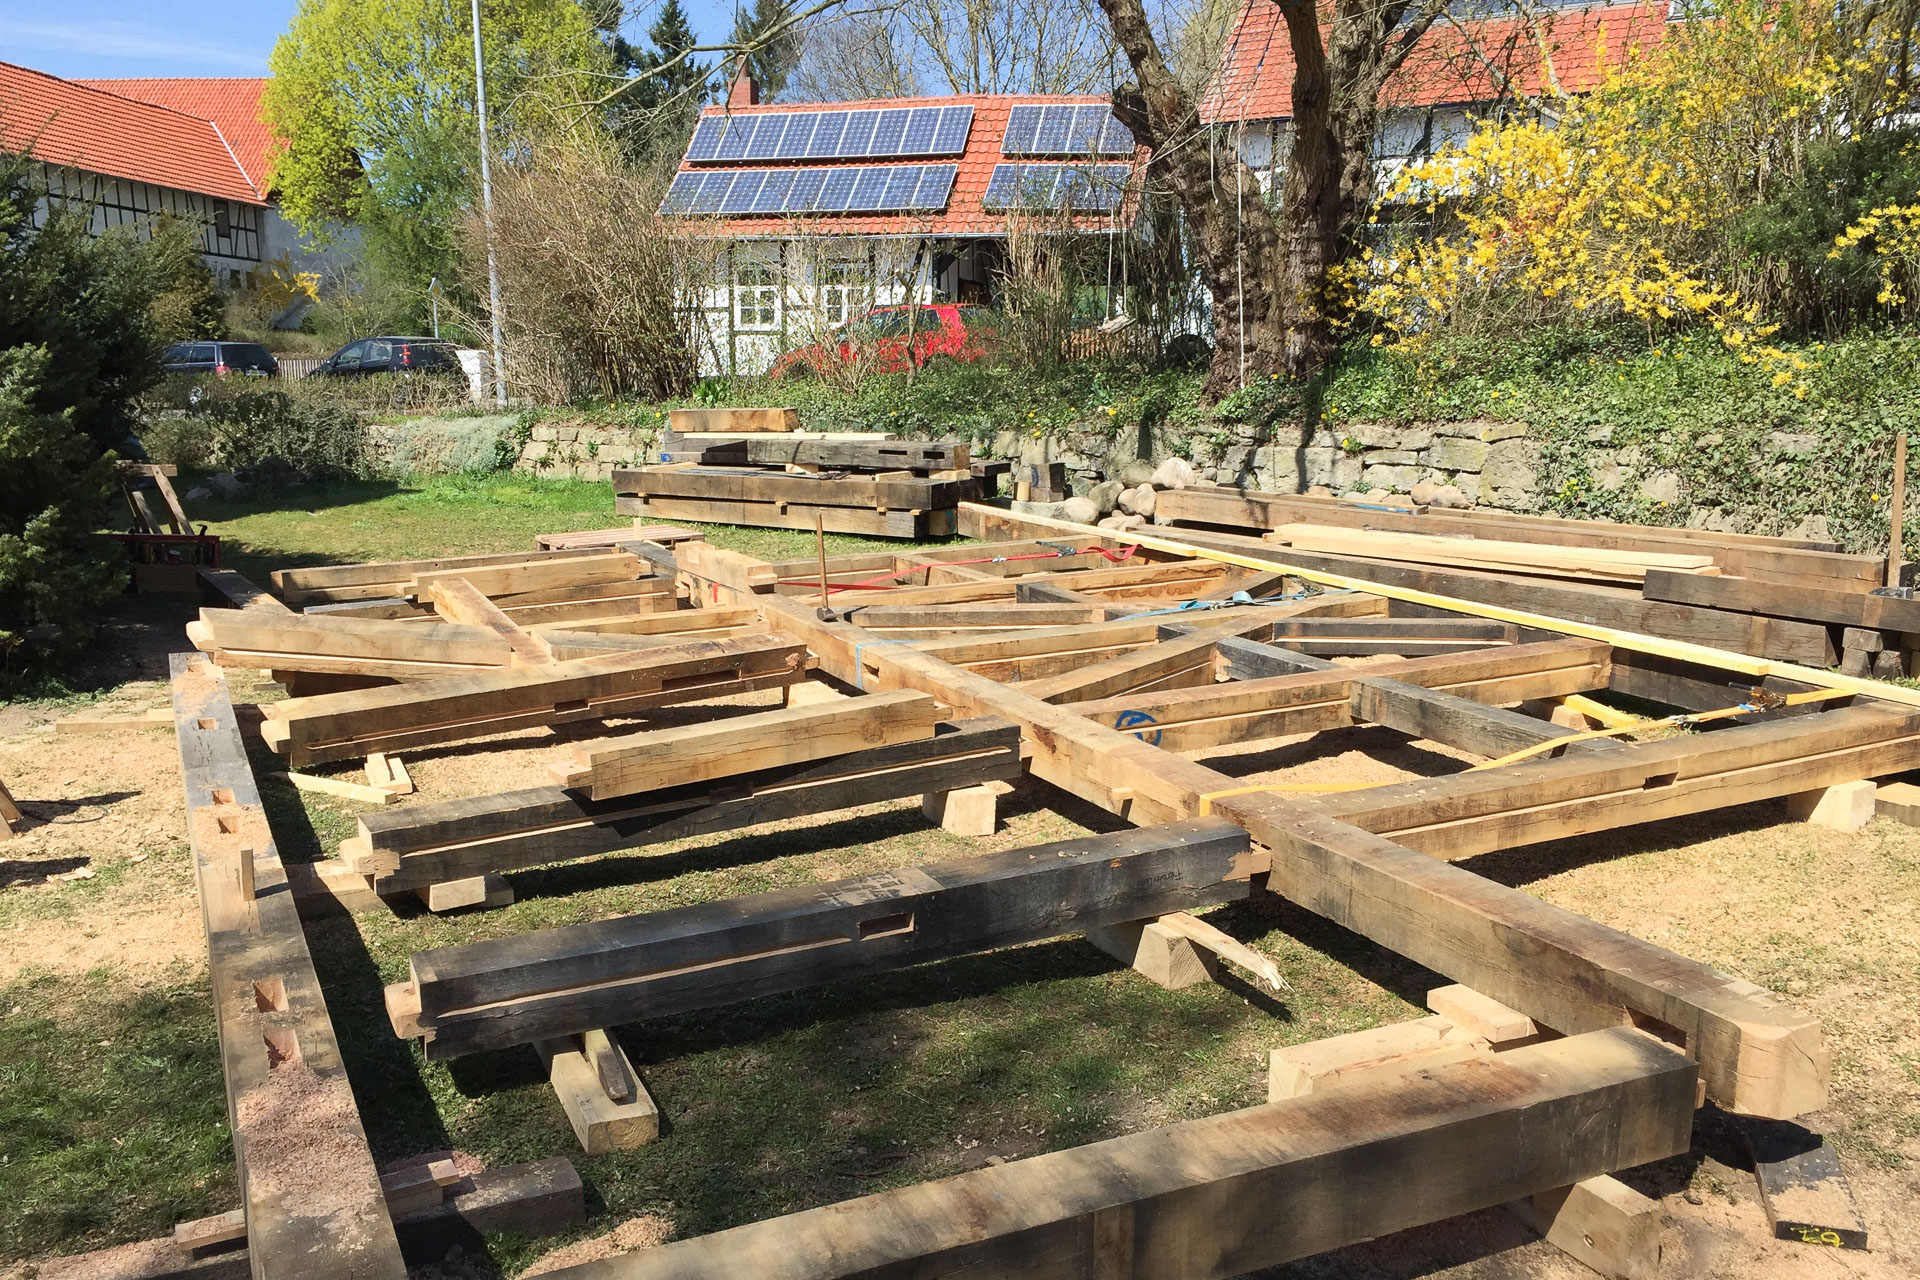 Ryan Baugestaltung Fachwerkhaus Goettingen Foto Bauvorgang Komplettsanierung denkmalgeschuetzes Fachwerk